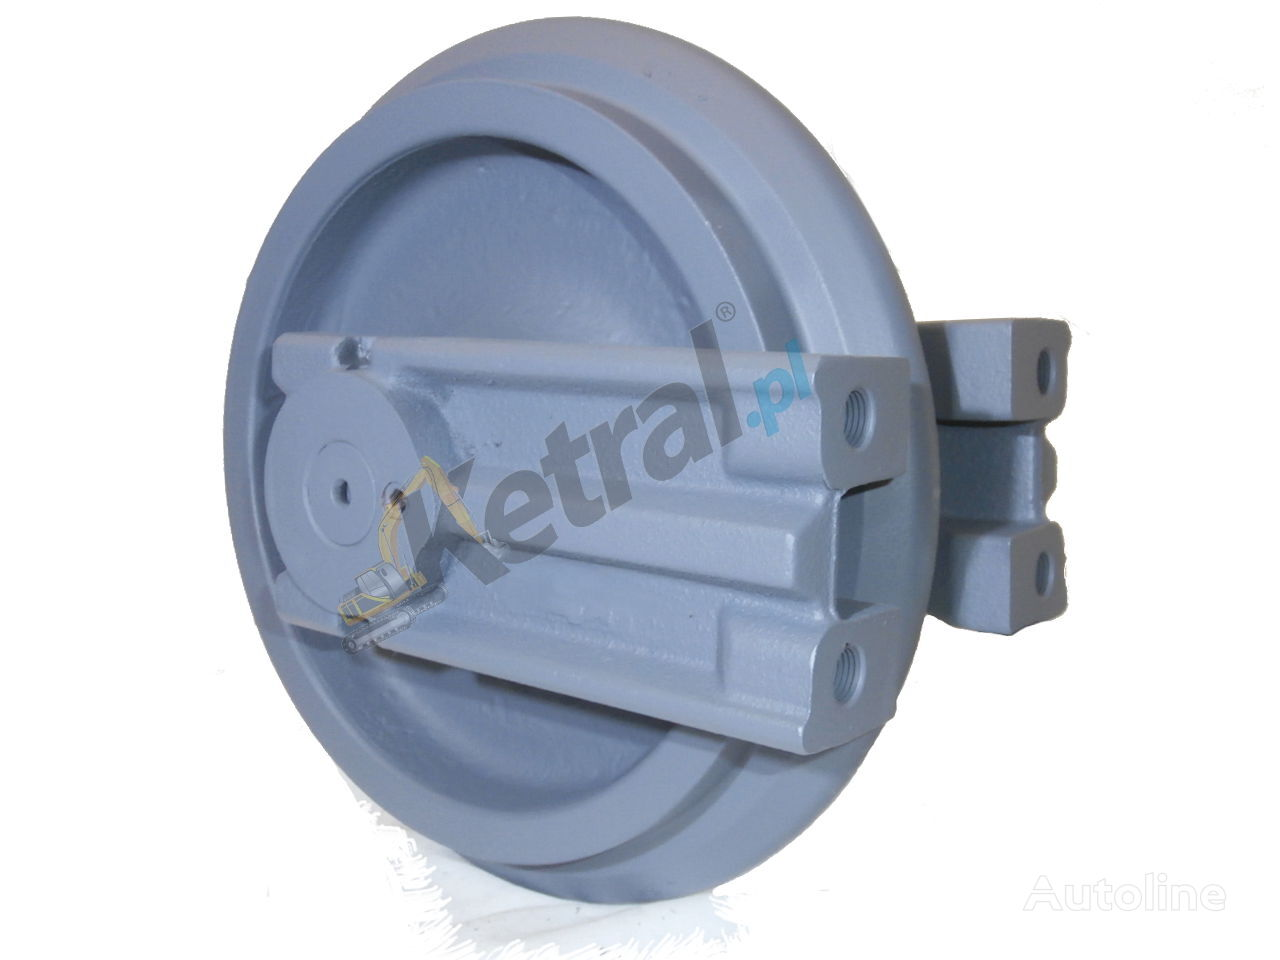 новое направляющее колесо KUBOTA OEM для мини-экскаватора KUBOTA KX41-3